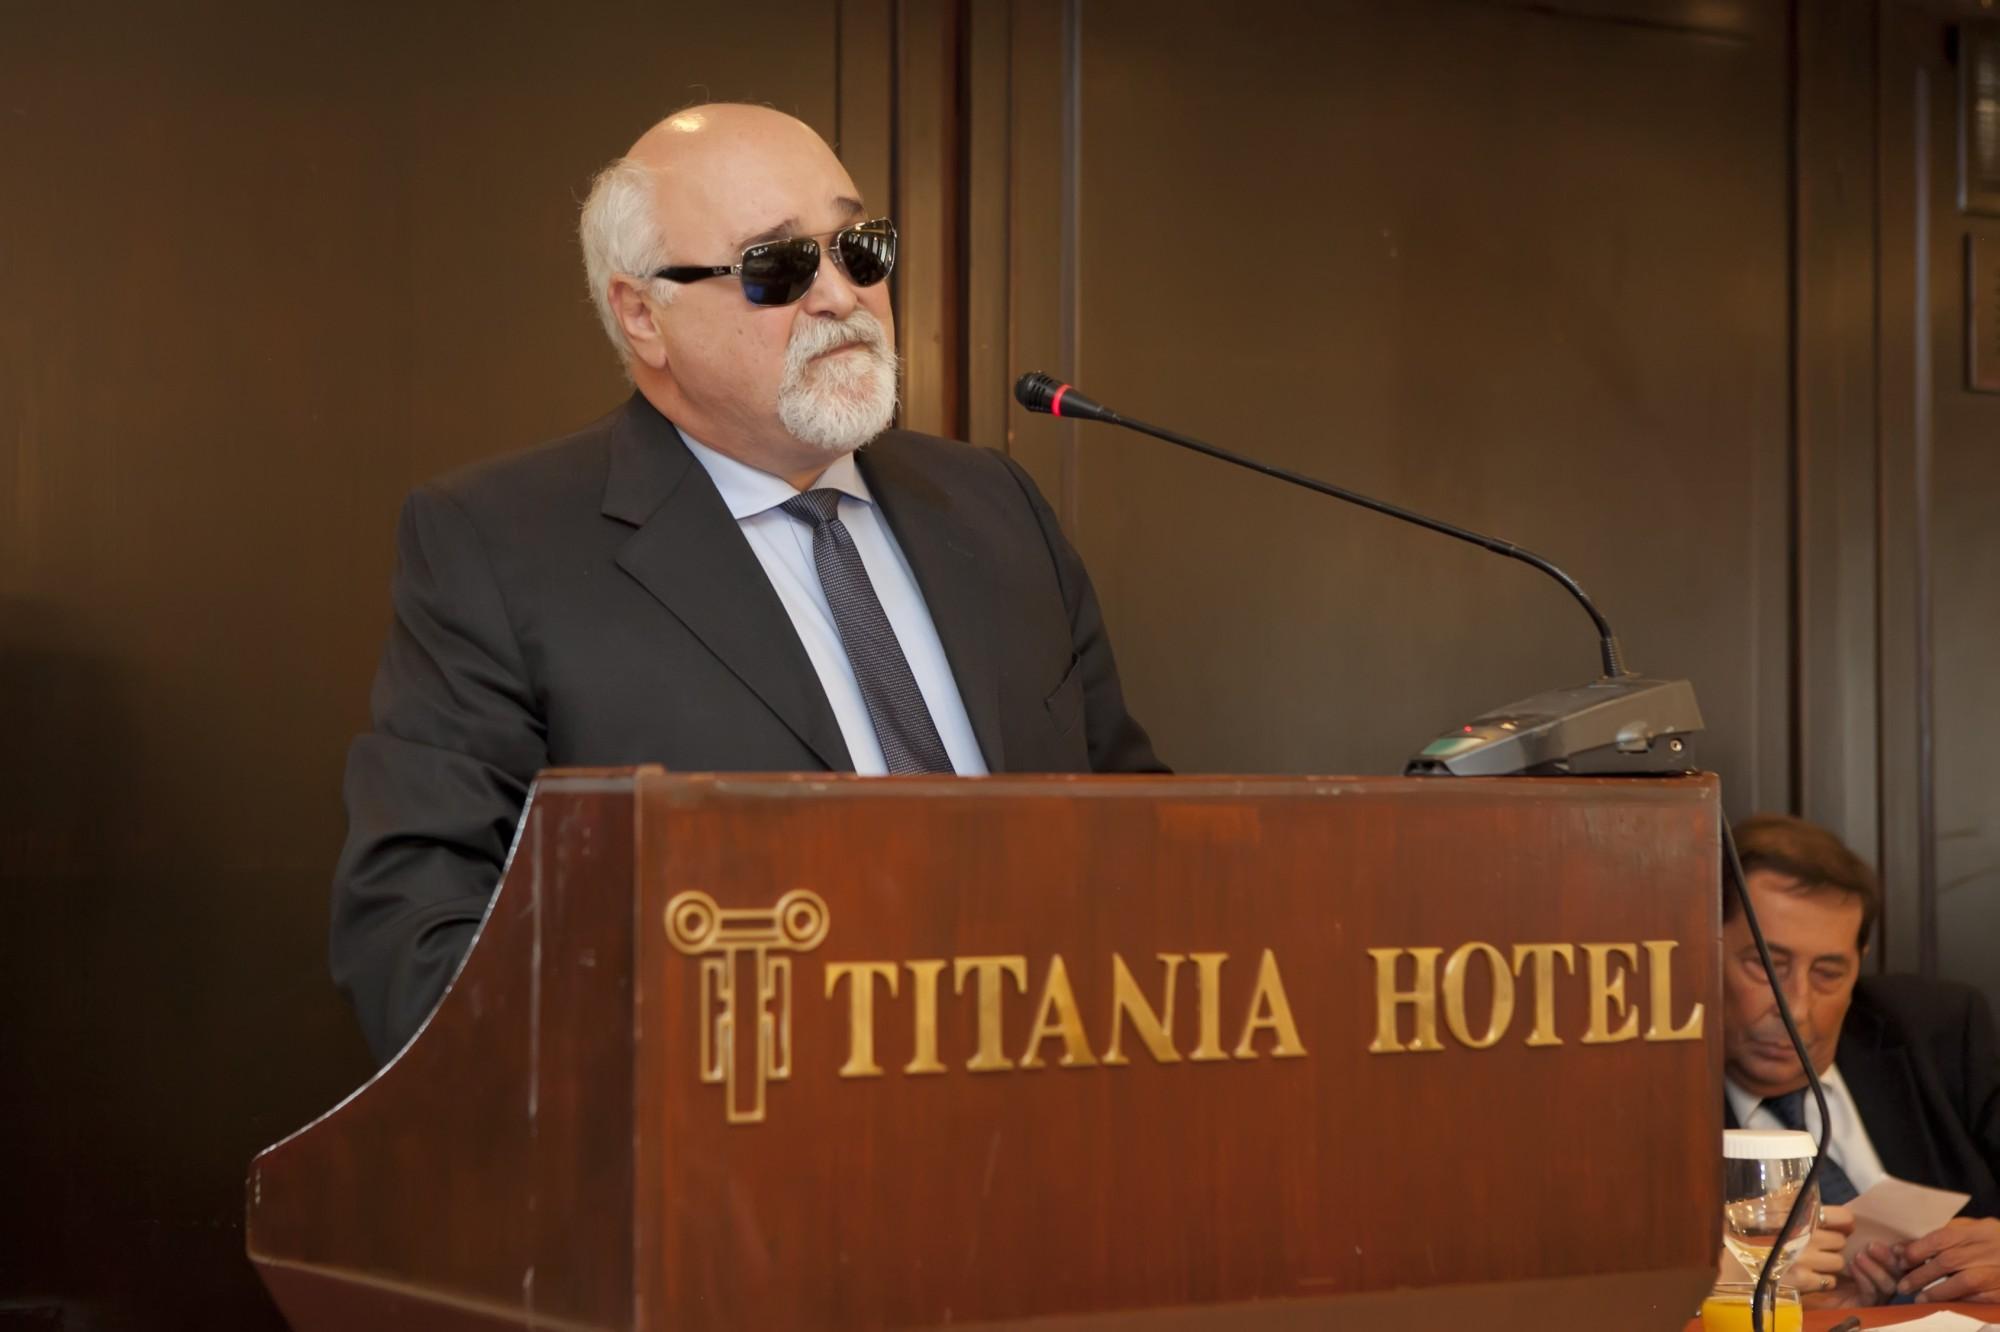 Ο Ιωάννης Βαρδακαστάνης κατά τη διάρκεια της ομιλίας του